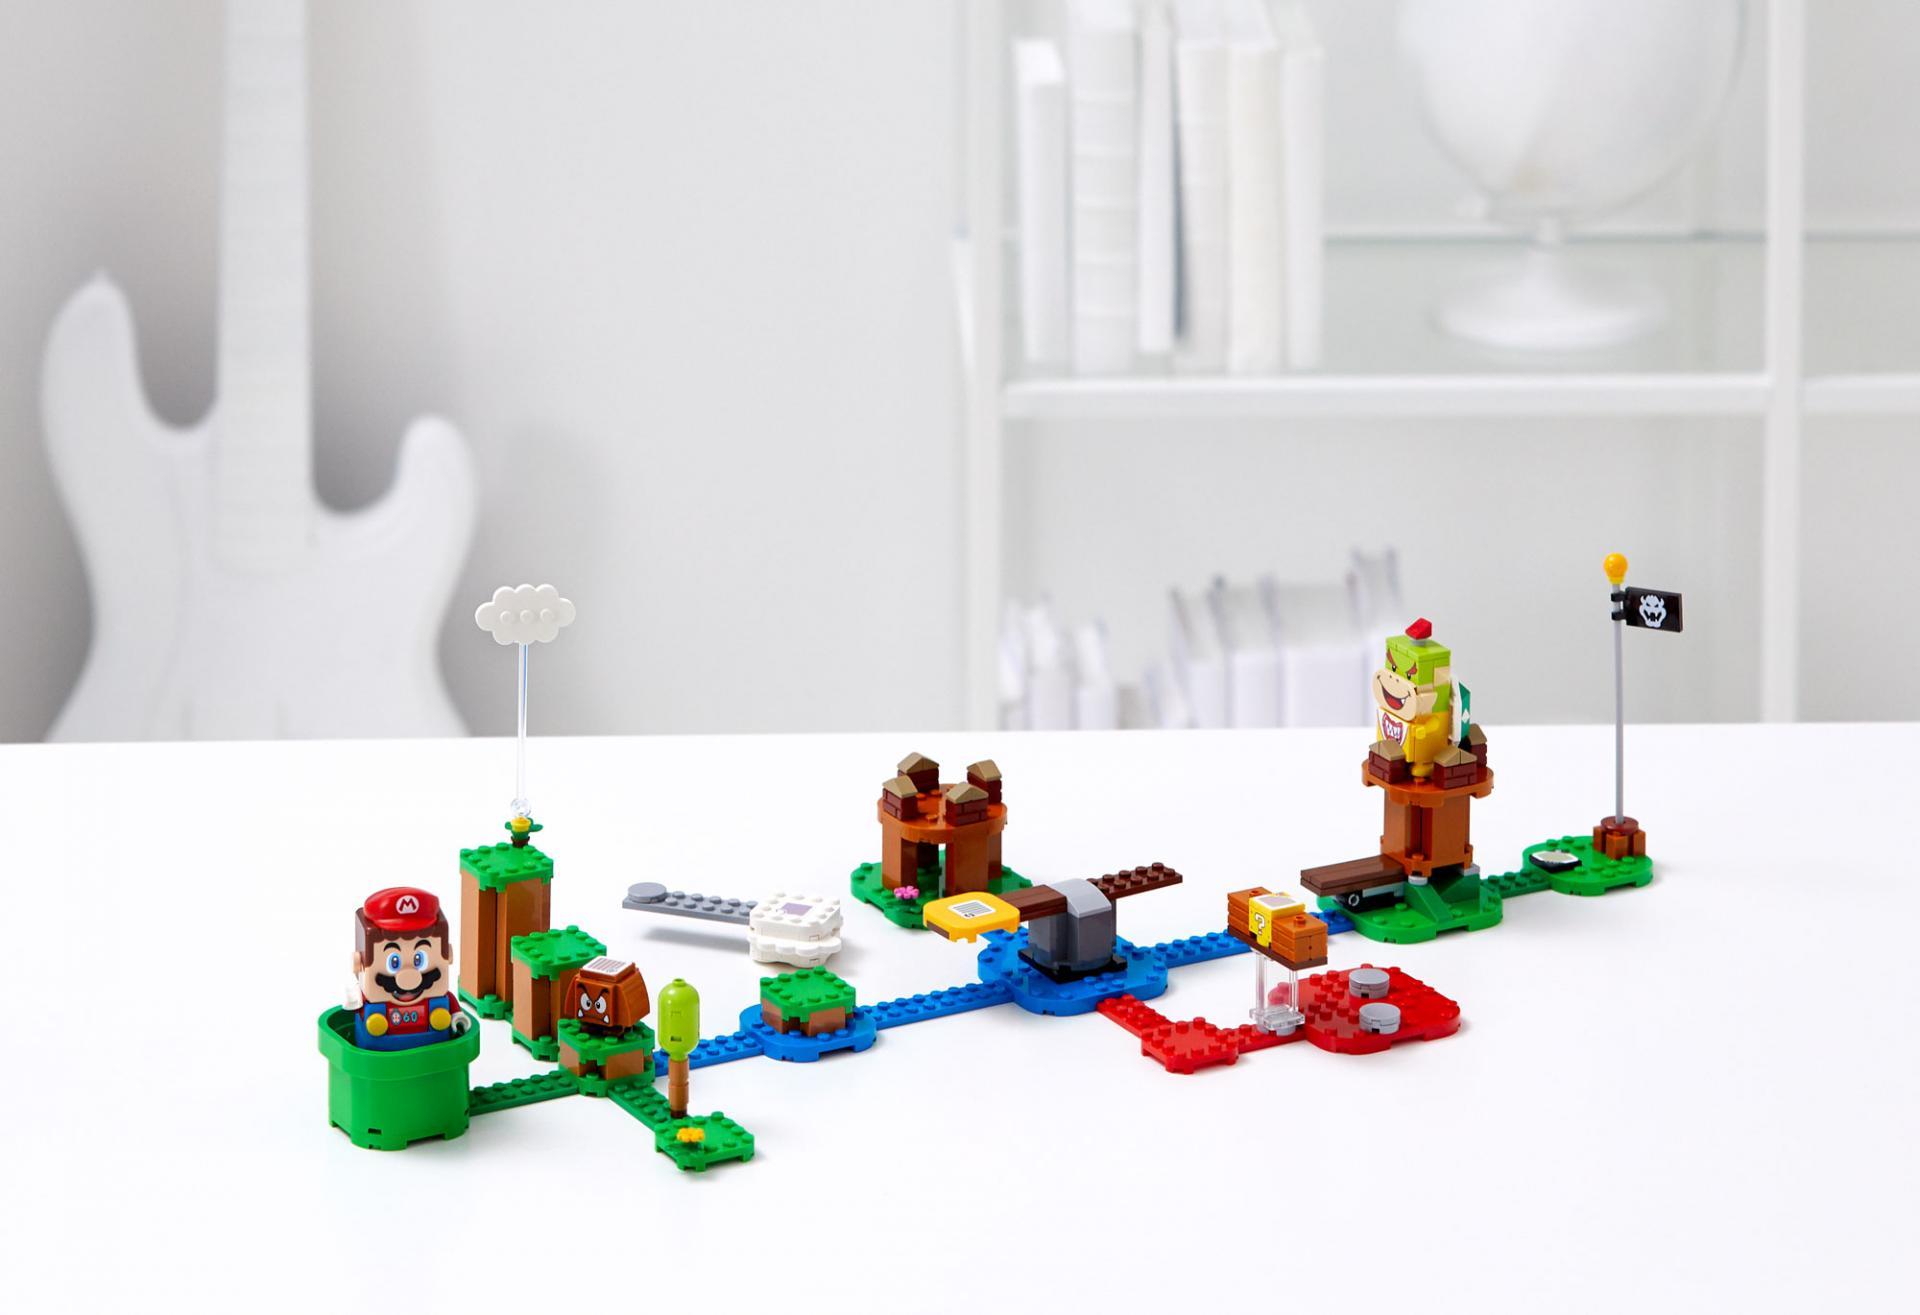 Super Mario появится вмире LEGO Благодаря сотрудничеству сNintendo